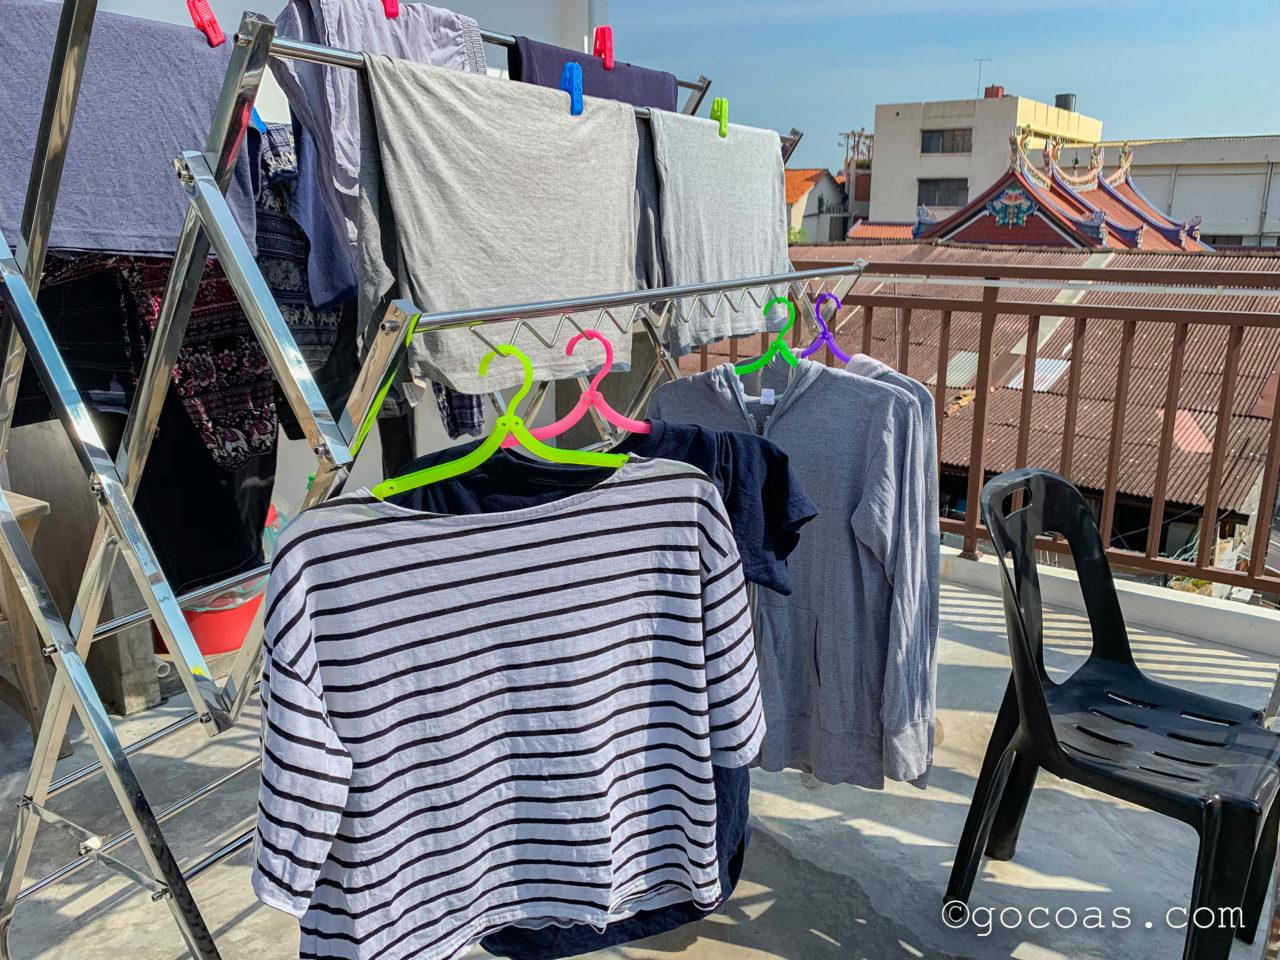 Rainbow Houseの屋上に干した洗濯物